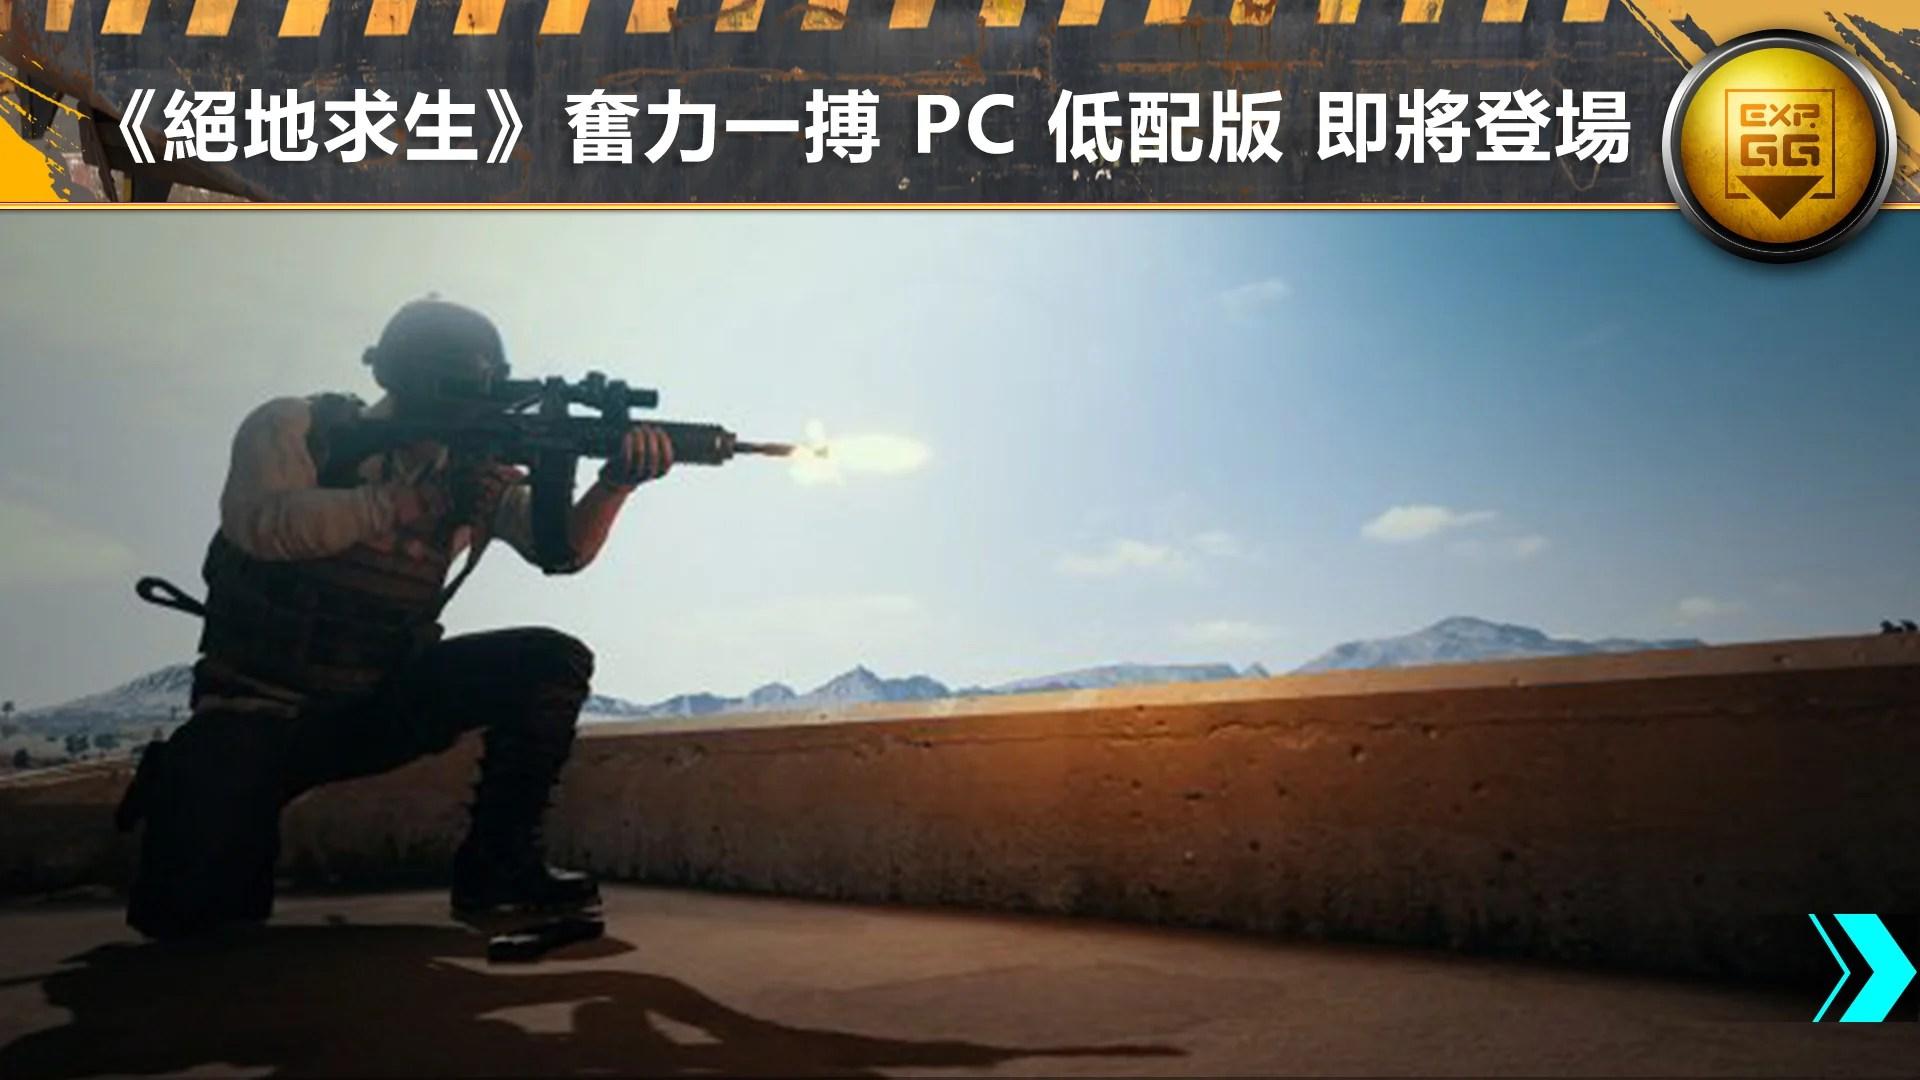 《絕地求生》奮力一搏 PC 低配版 PUBG Project Thai 即將登場-EXP.GG